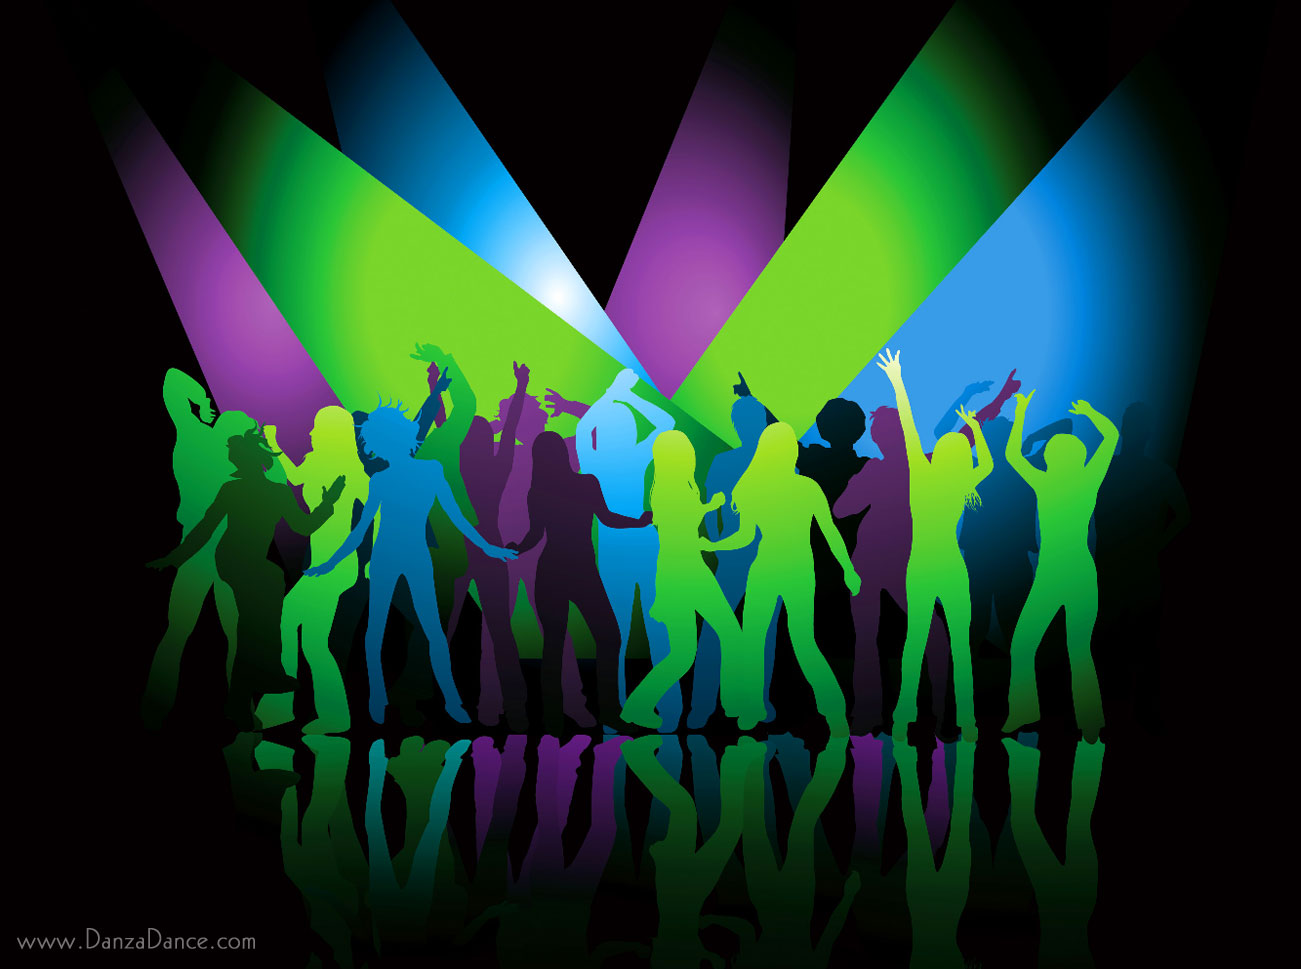 Sfondi Danza Wallpaper Per Telefono E Computer Wwwdanzadancecom